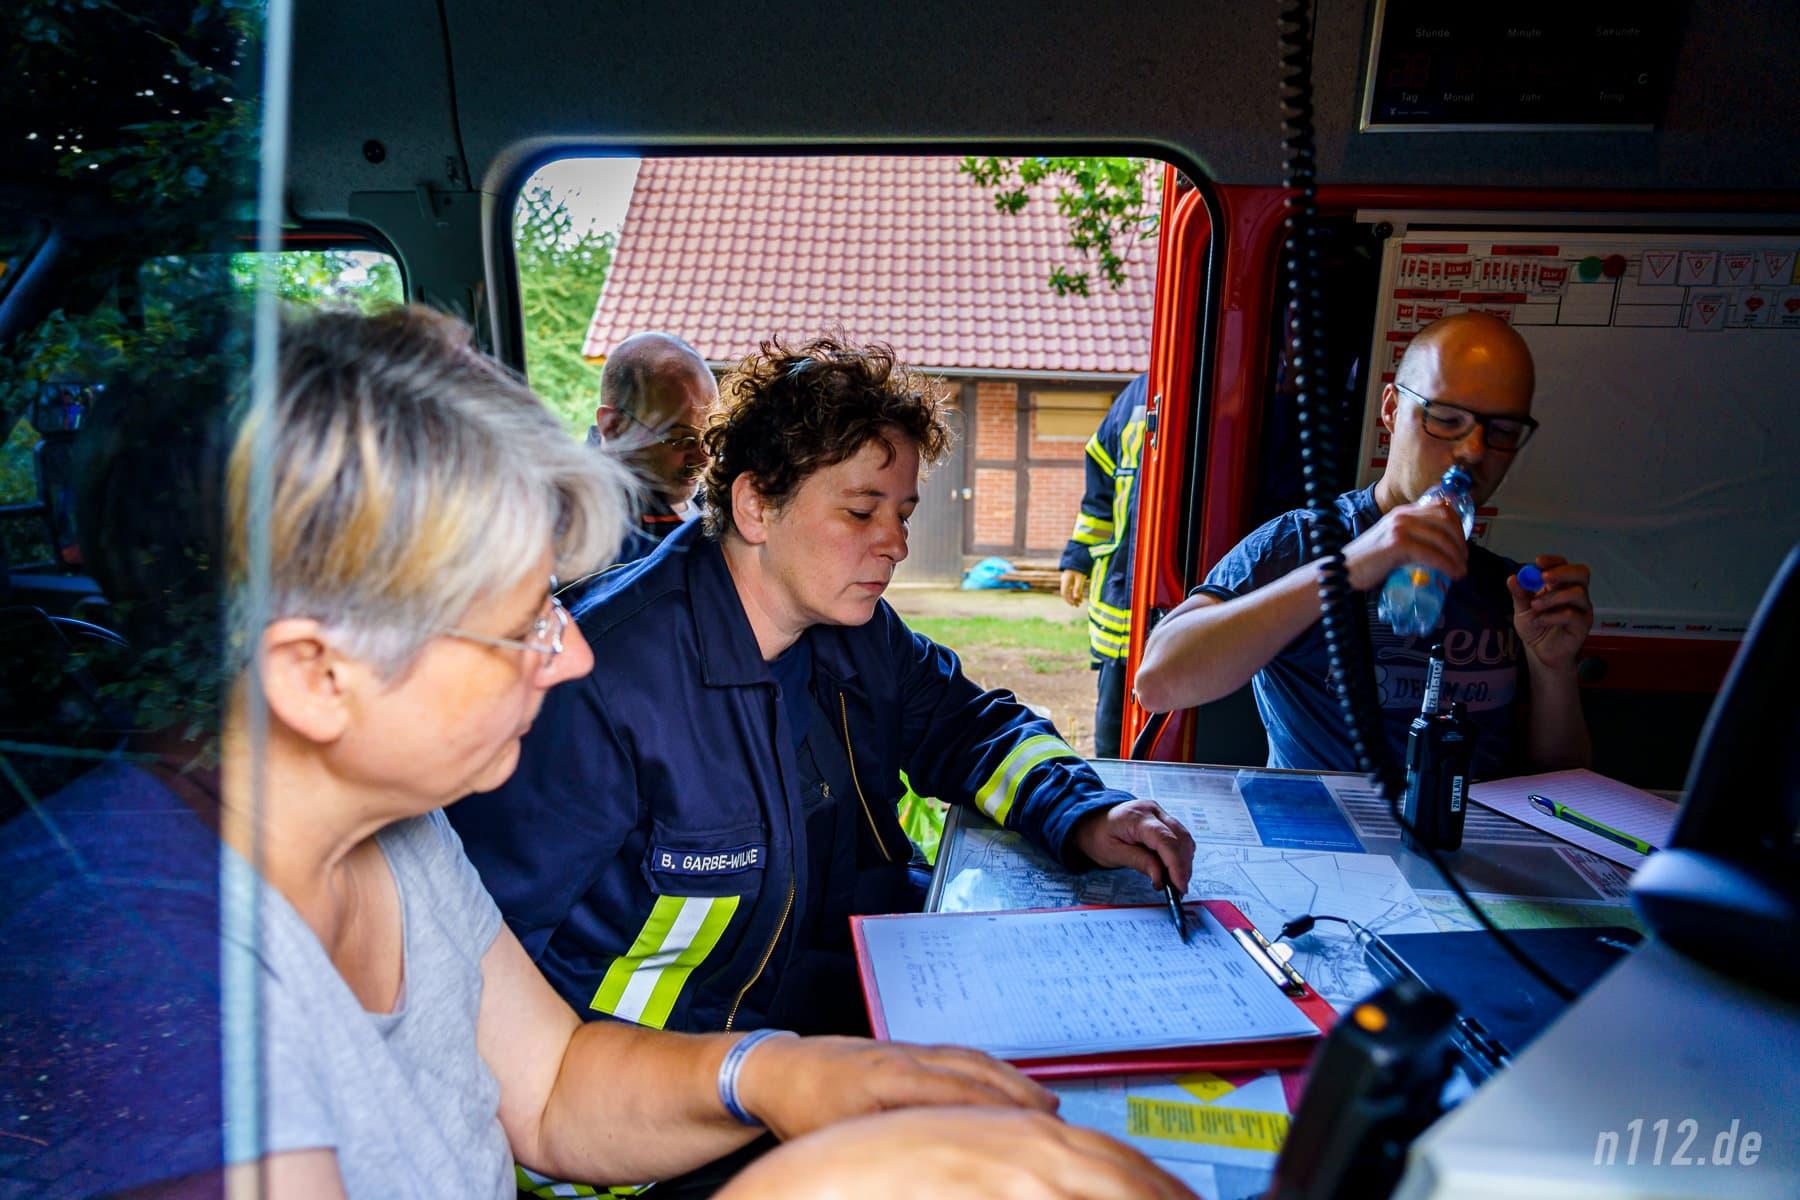 Im Einsatzleitwagen (ELW) koordinierten ehrenamtliche Spezialisten den Einsatz der über 100 Feuerwehrleute (Foto: n112.de/Stefan Simonsen)